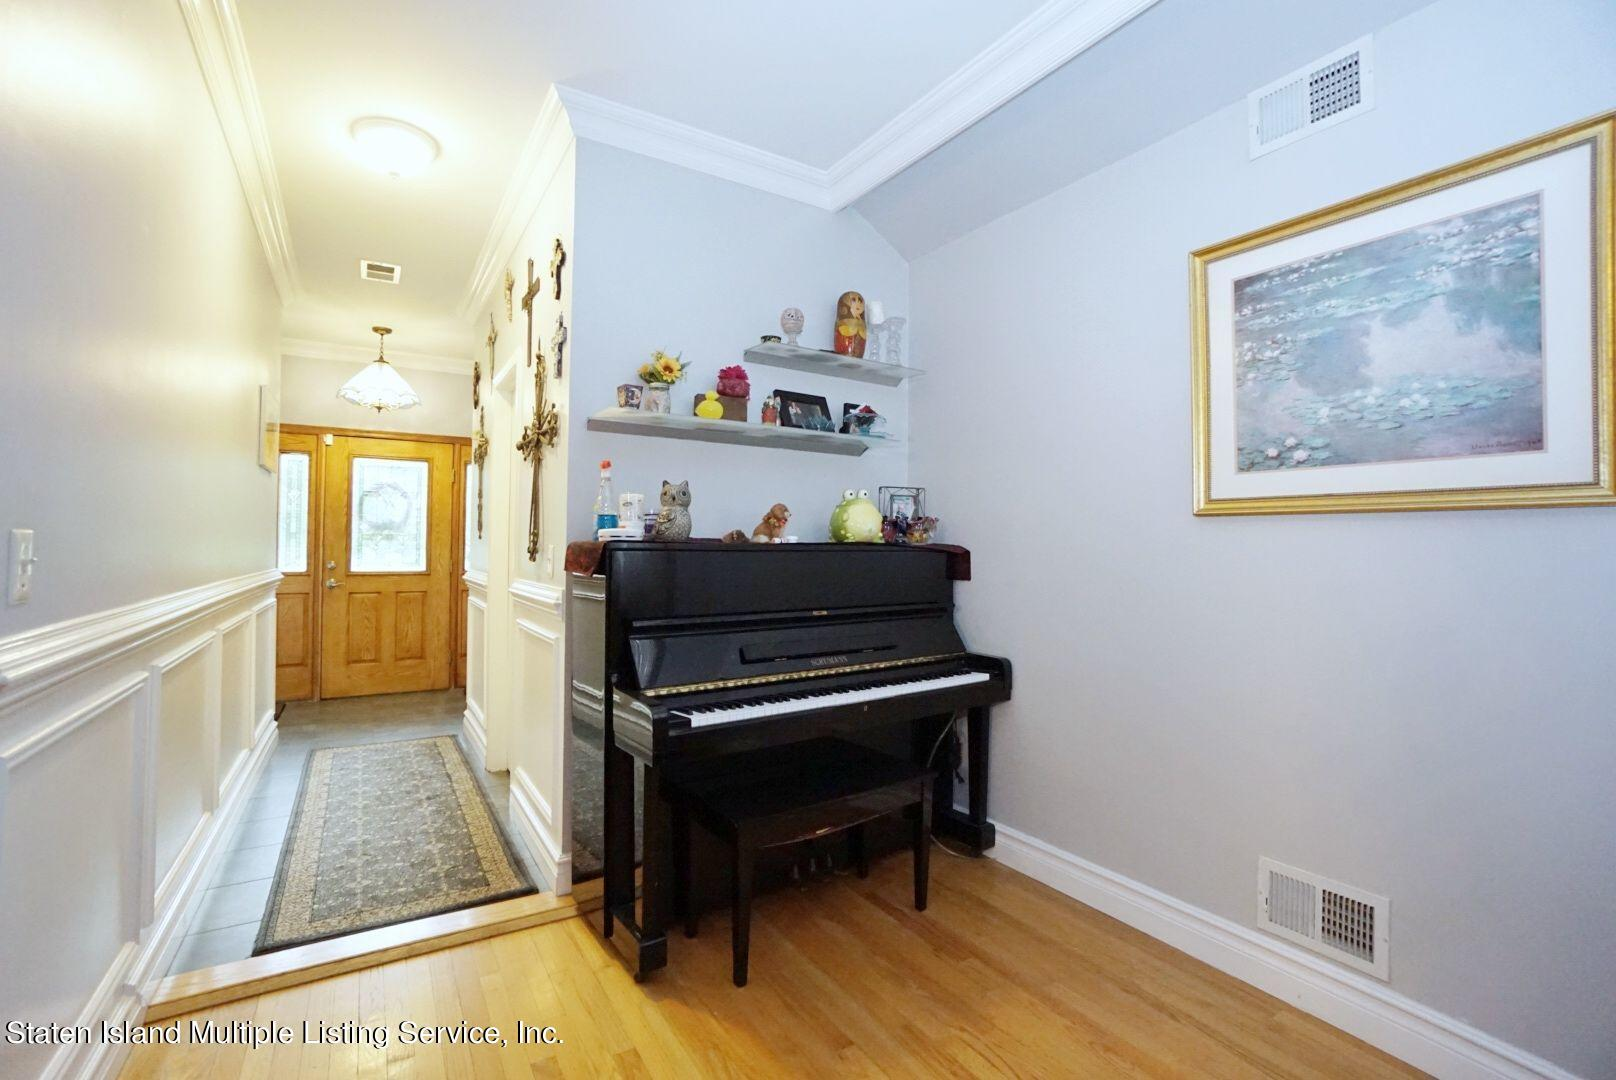 Single Family - Detached 311 Sharrott Avenue  Staten Island, NY 10309, MLS-1146042-8